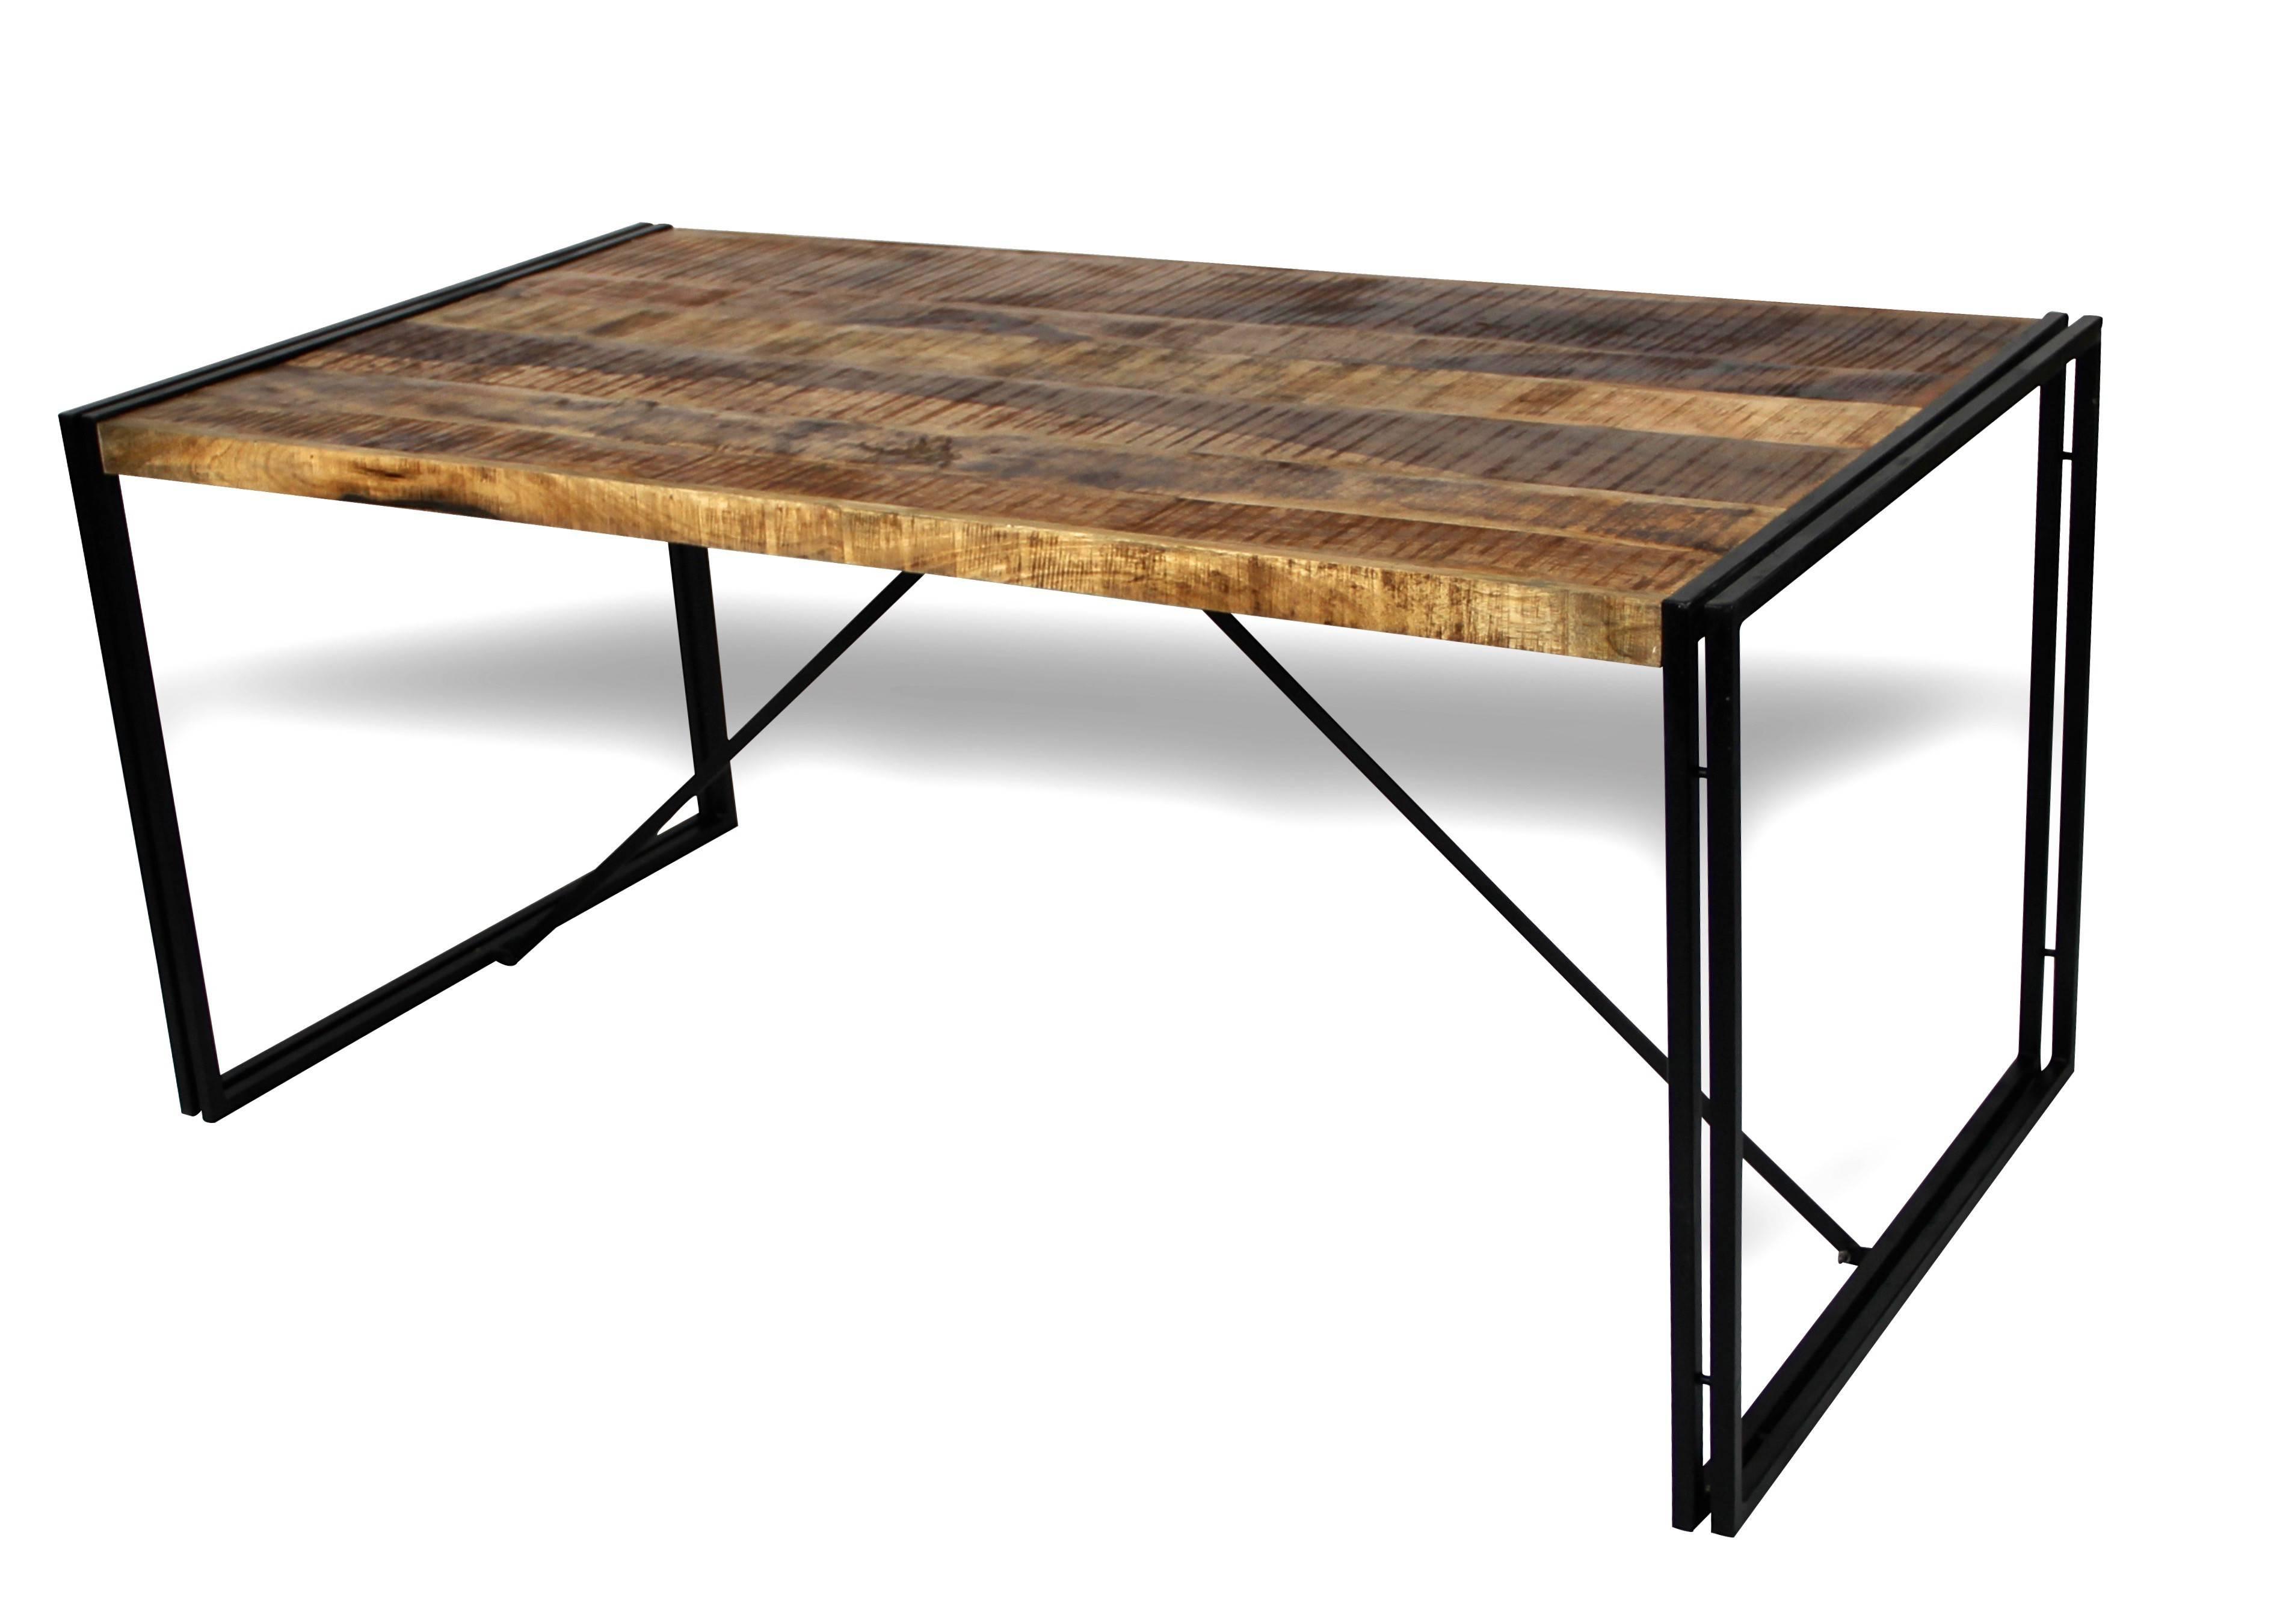 Table de repas en bois patiné de manguier et métal vieilli style usine